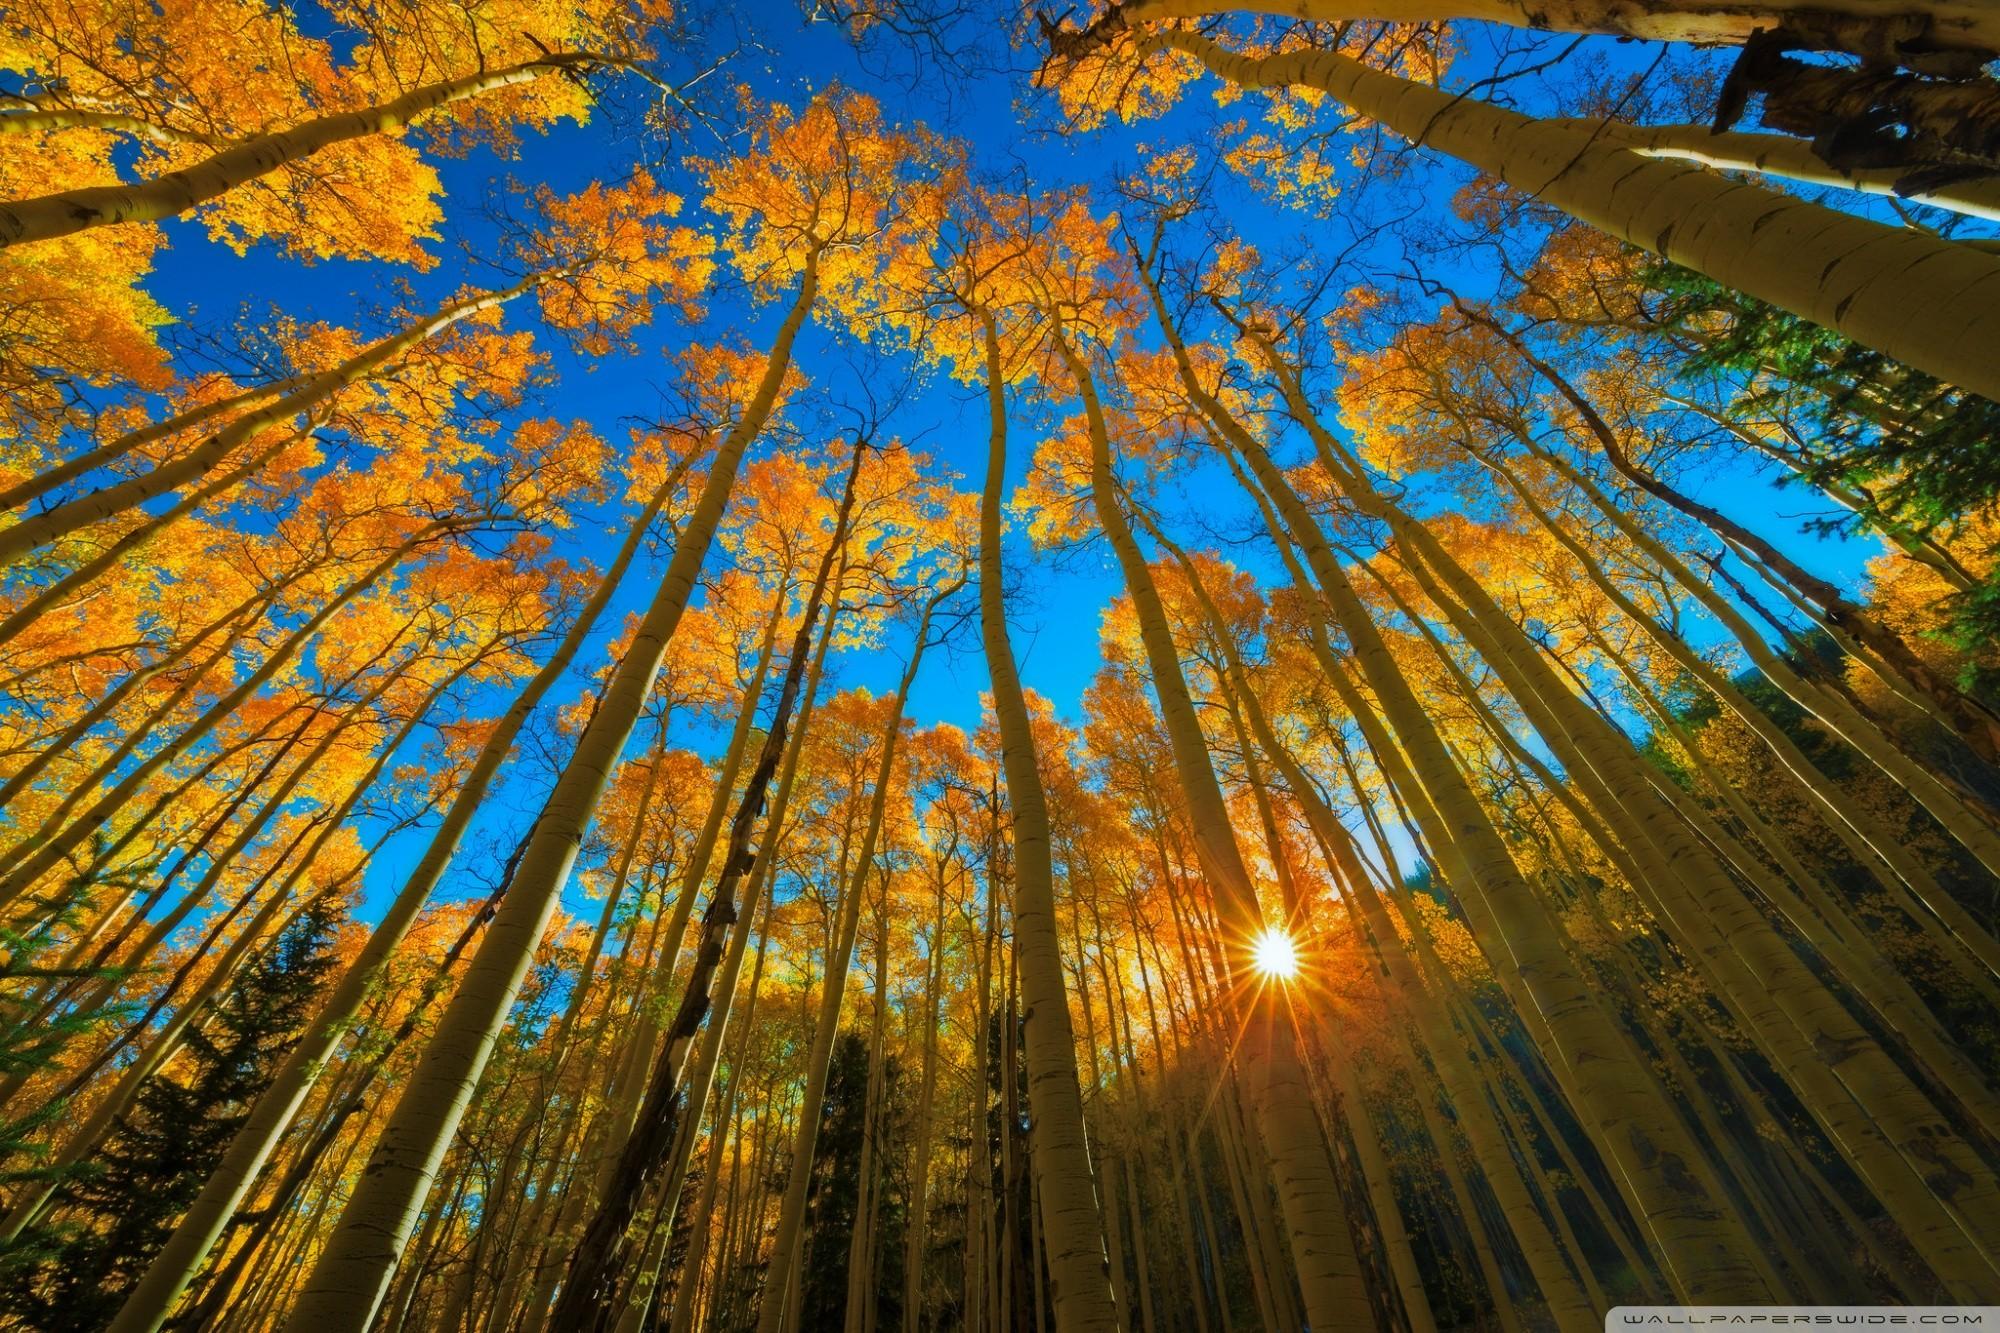 Aspen Tree Wallpaper 54 images 2000x1333